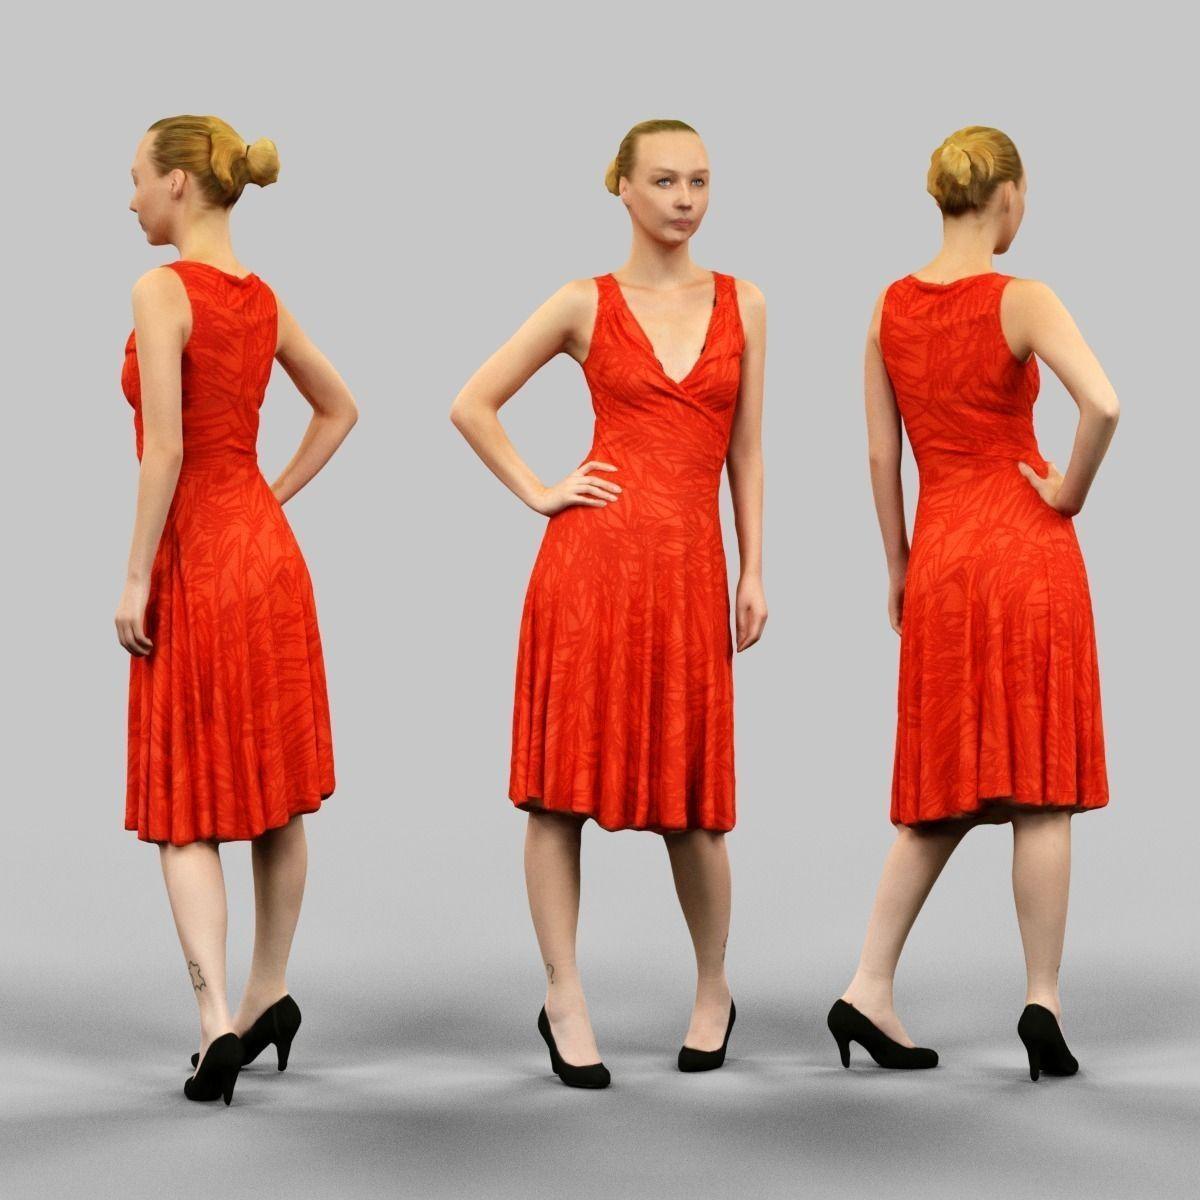 Red dress 3d